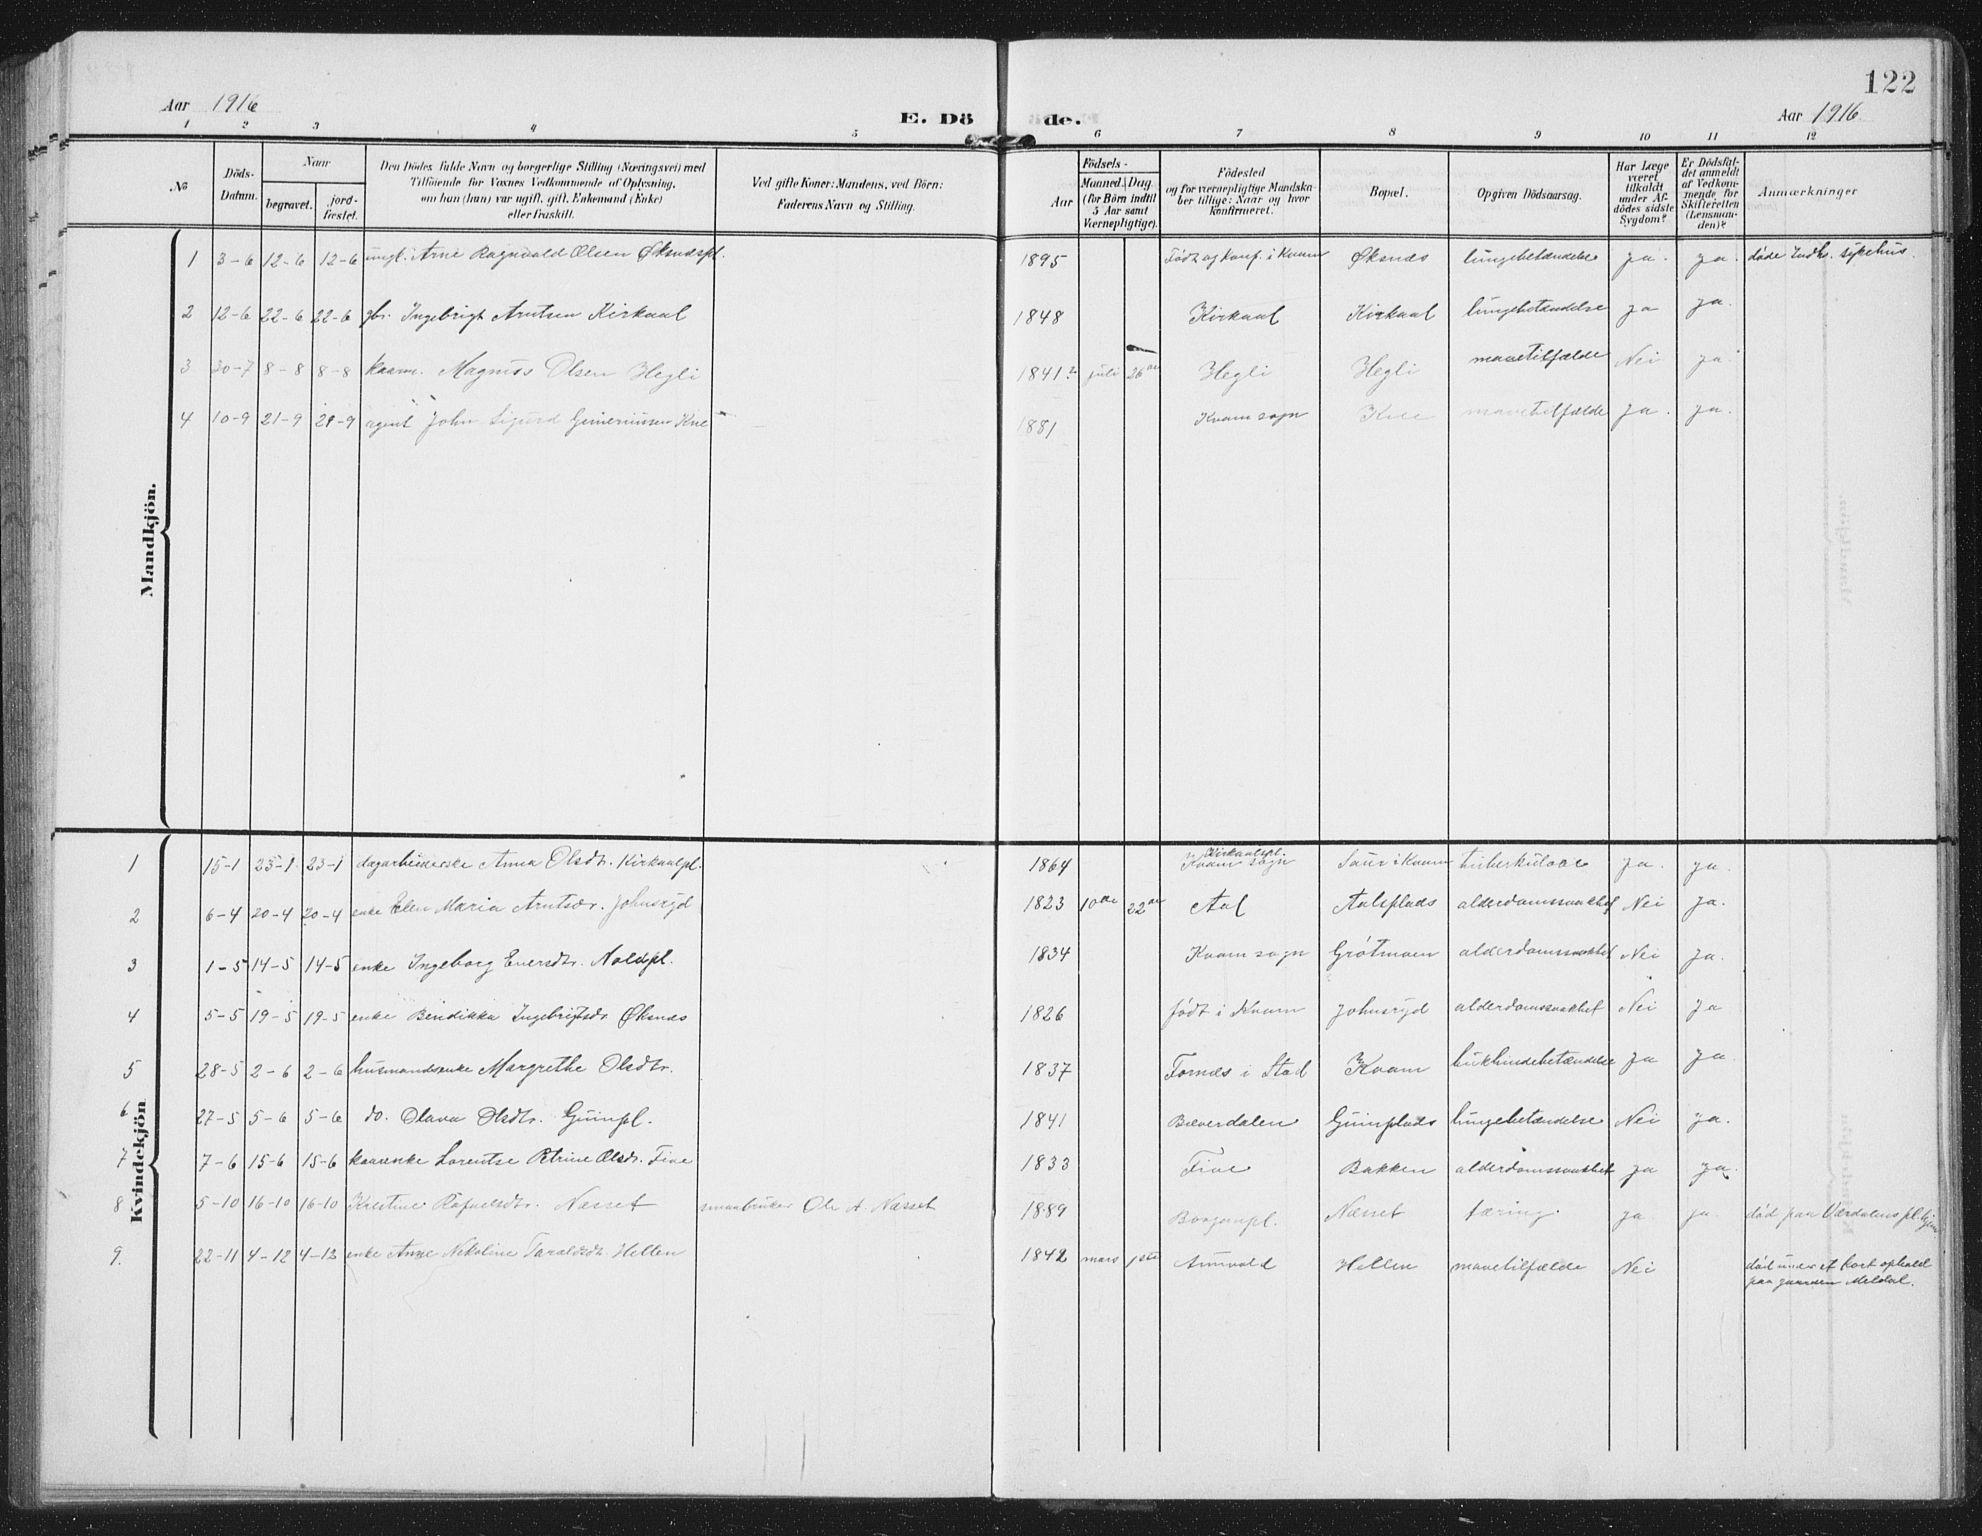 SAT, Ministerialprotokoller, klokkerbøker og fødselsregistre - Nord-Trøndelag, 747/L0460: Klokkerbok nr. 747C02, 1908-1939, s. 122